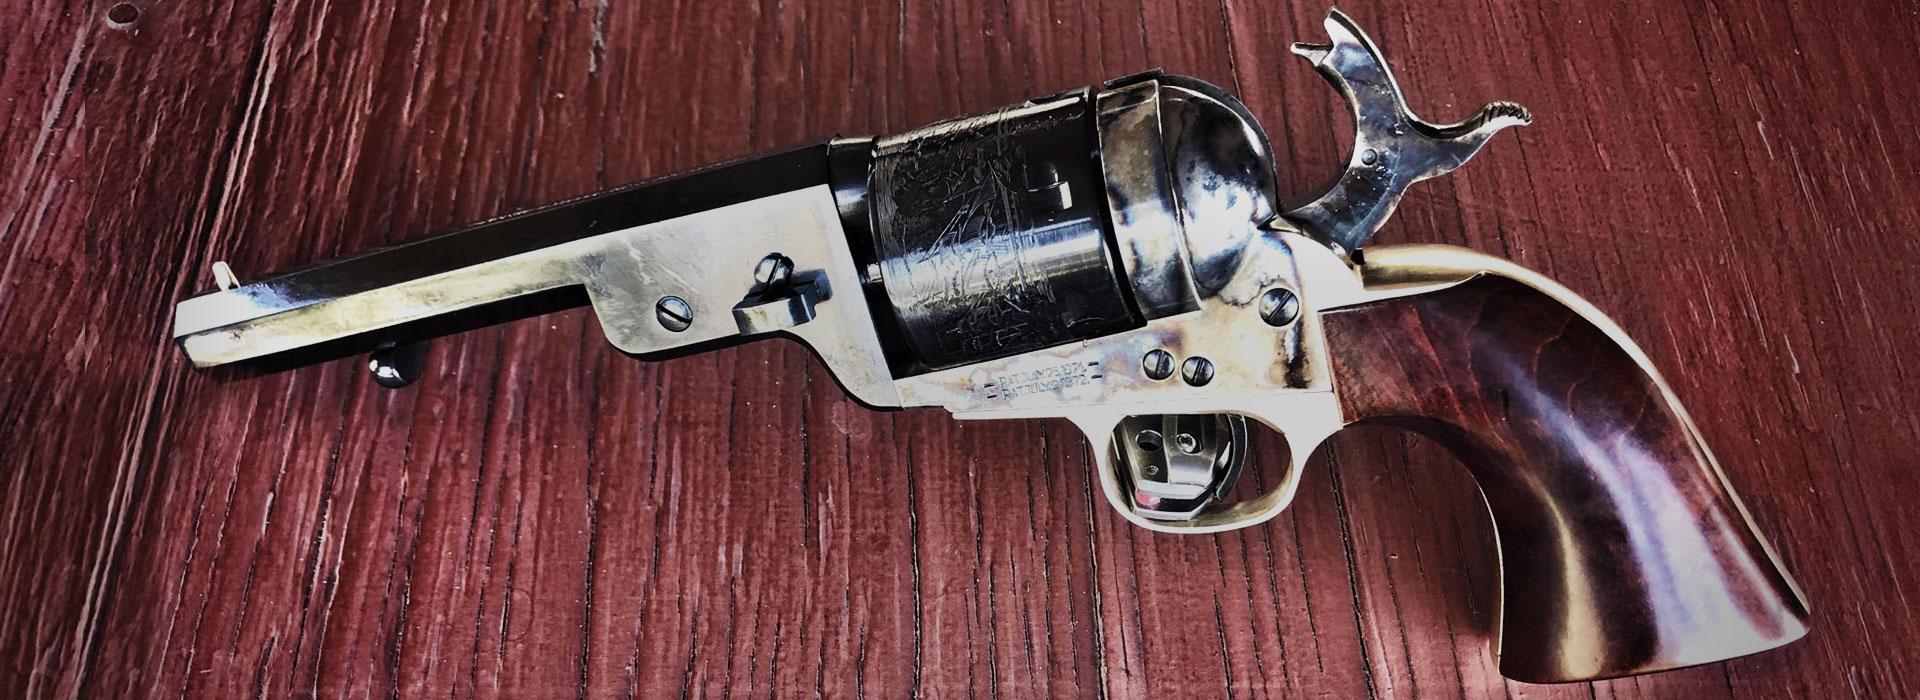 Gun Craft – Outdoor Range, Gunsmith, Retail Store and More